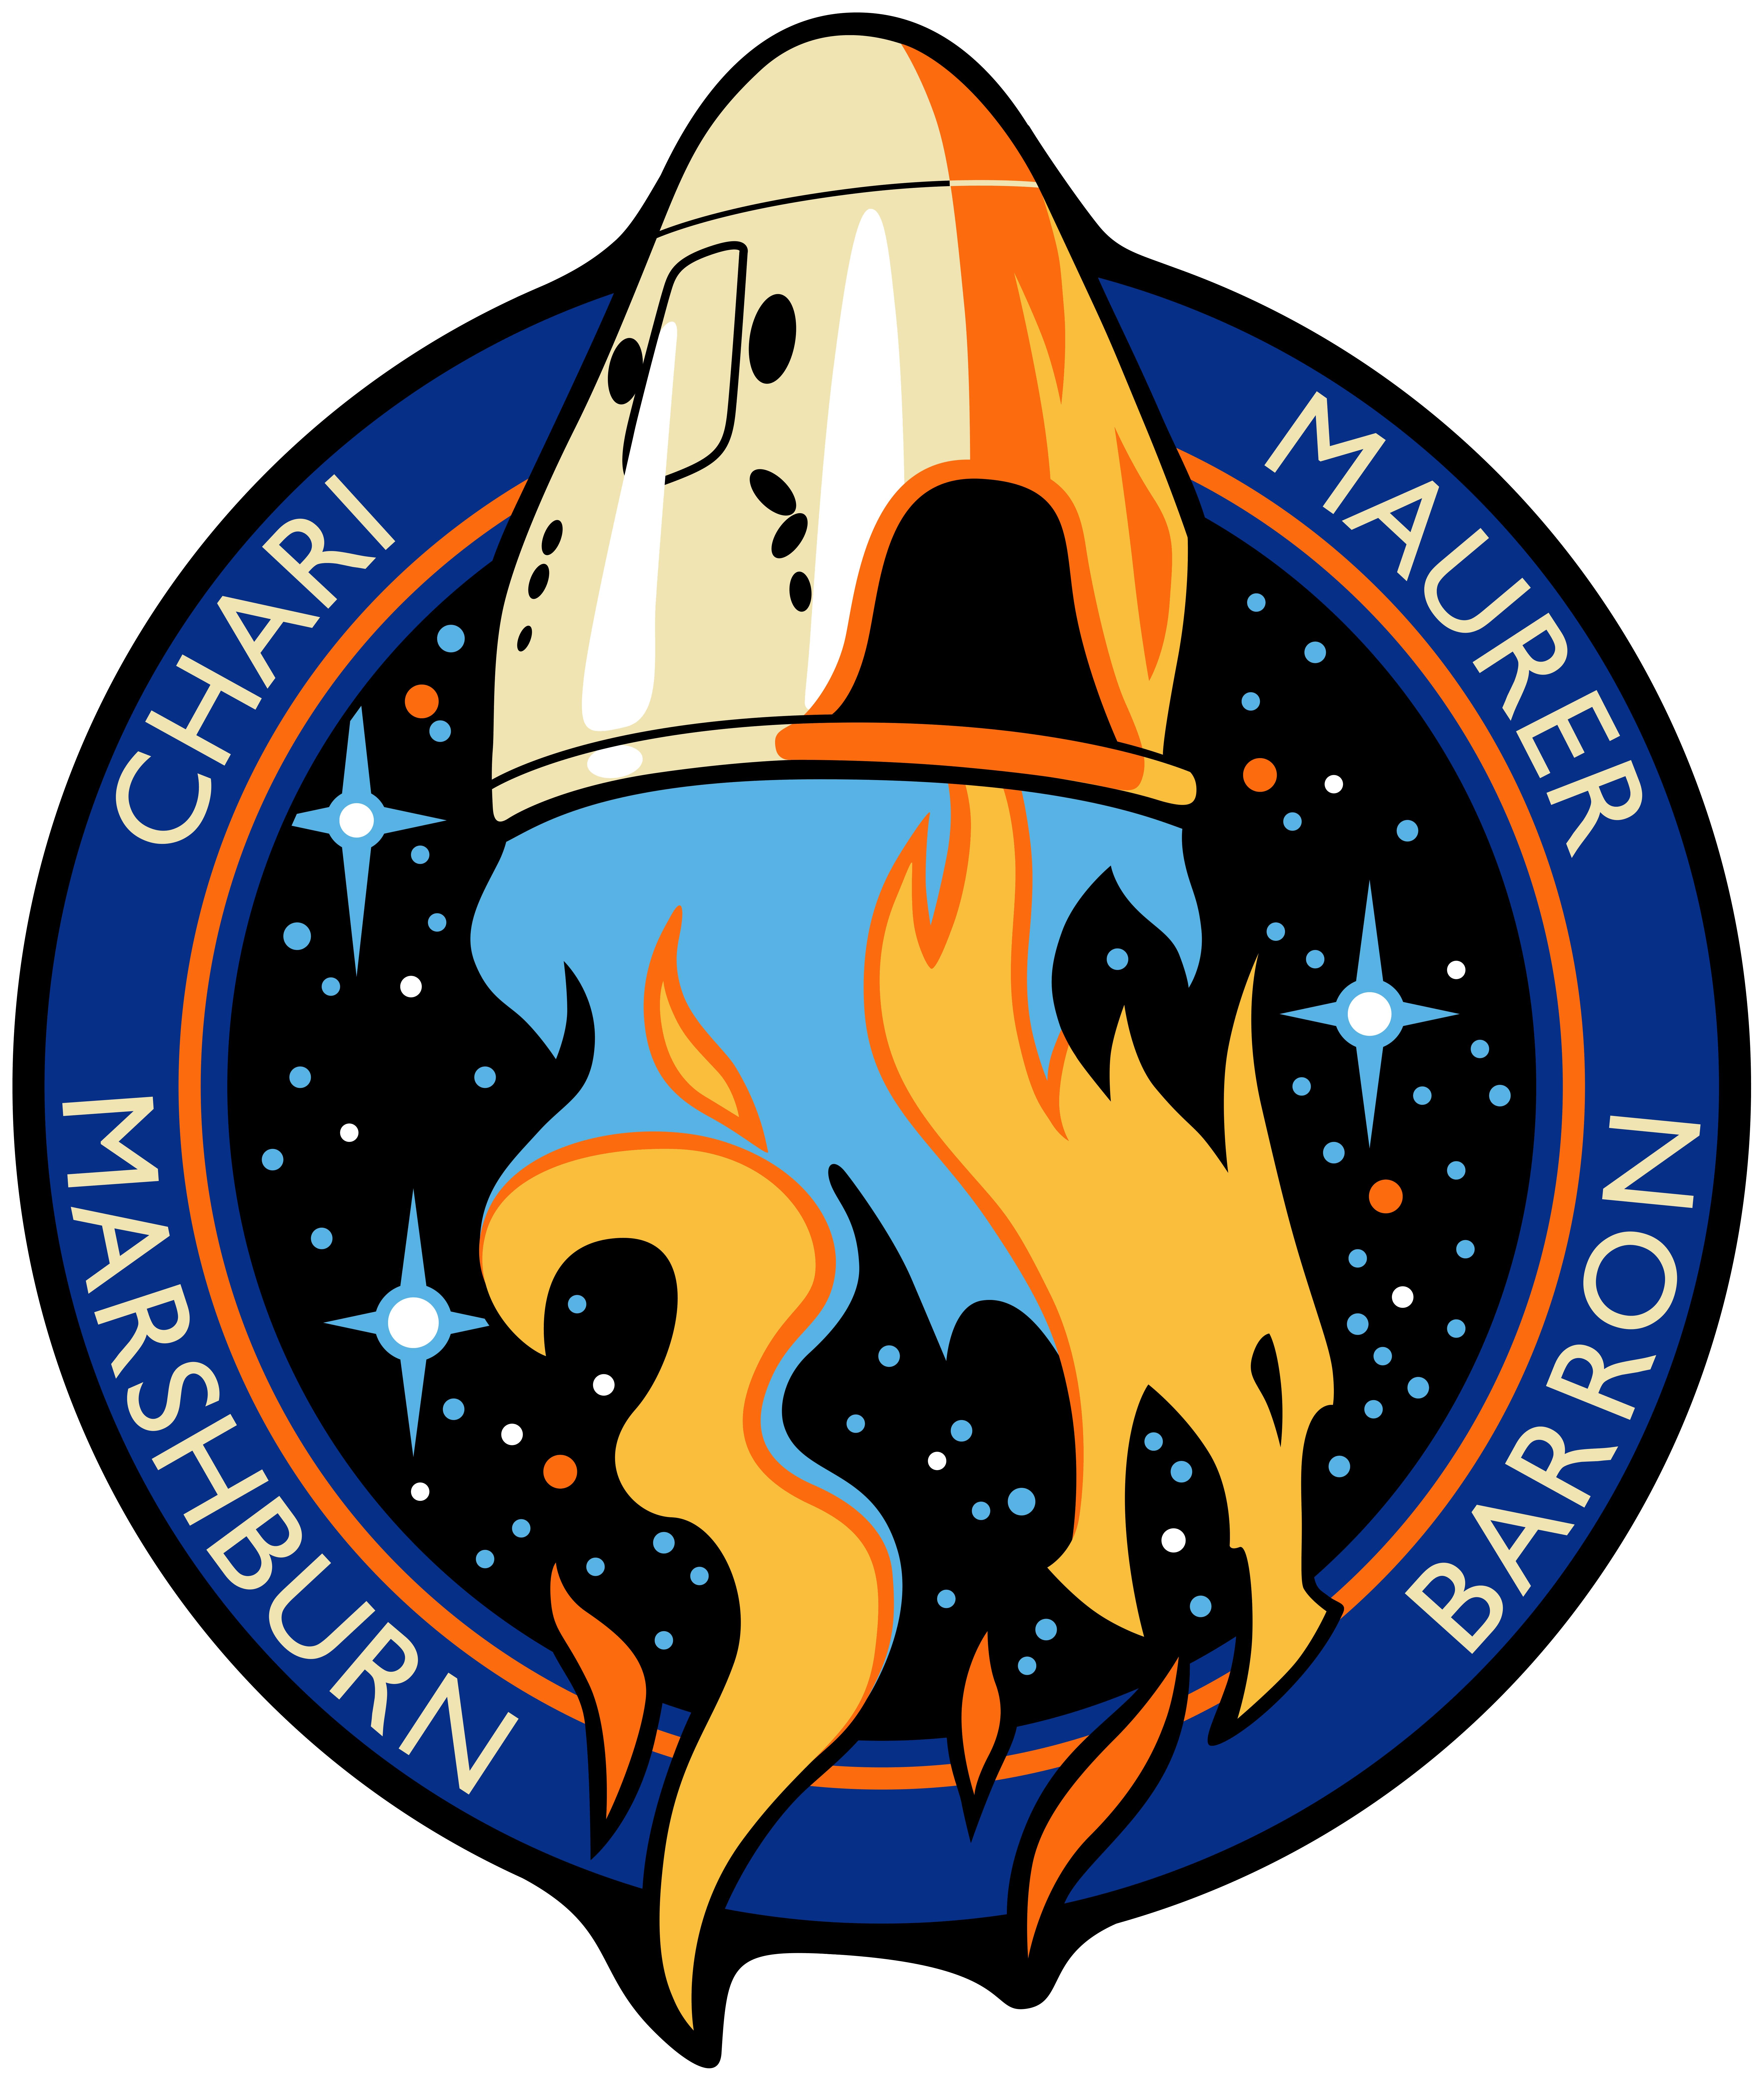 Parche de misión de «Crew-3»